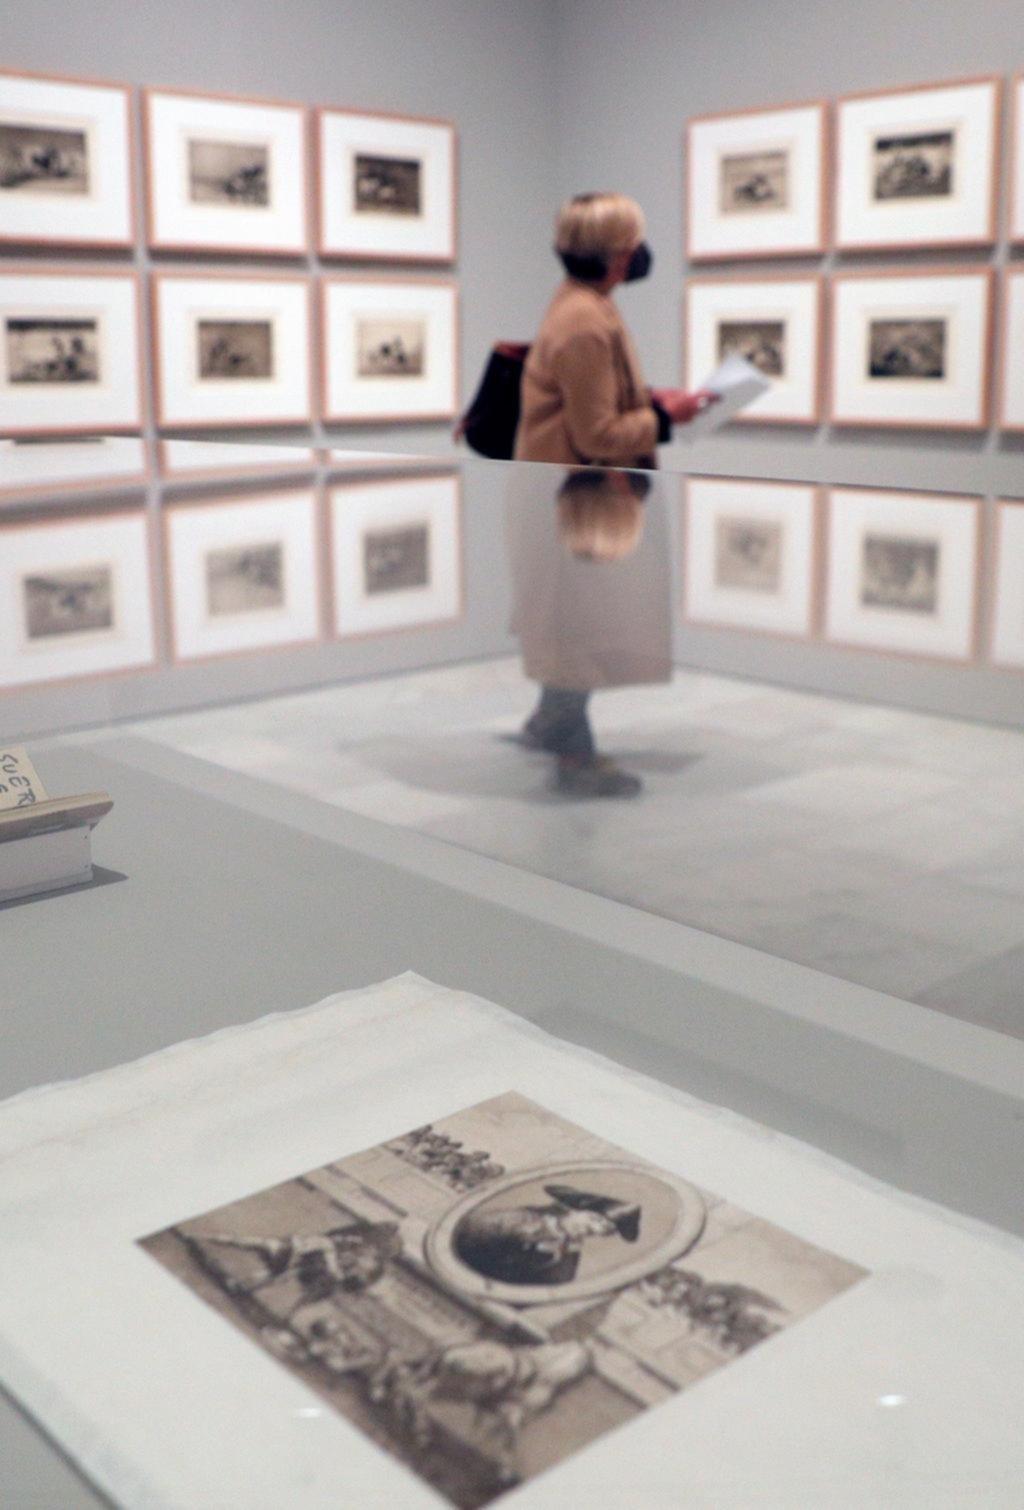 Picasso y Goya, una conexión que va más allá del arte